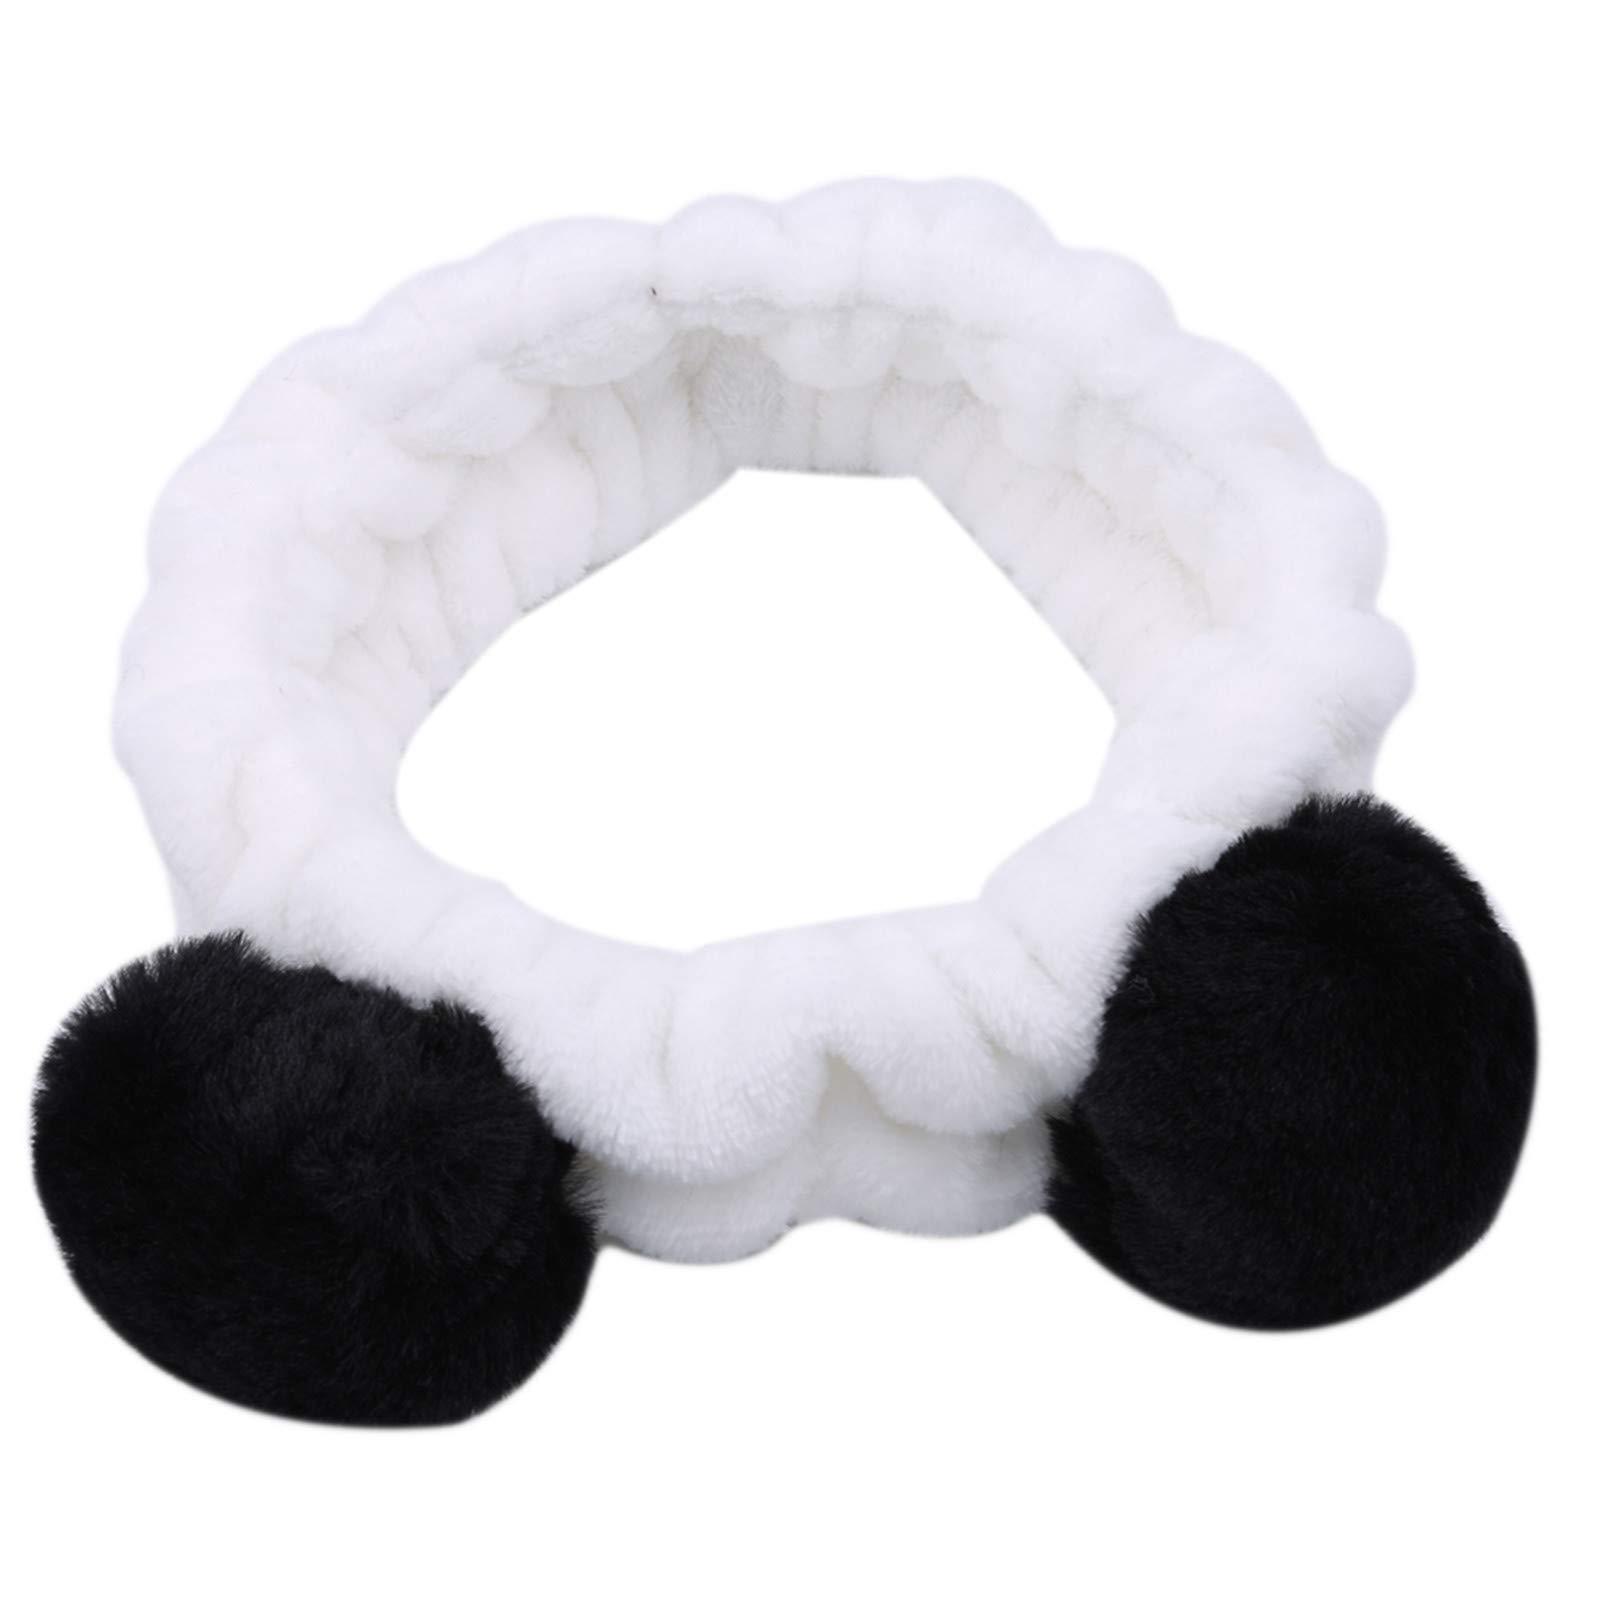 Daylyric Cute Panda Hair Ball Wash Face Headband Shower Spa Makeup Headband For Girls And Women